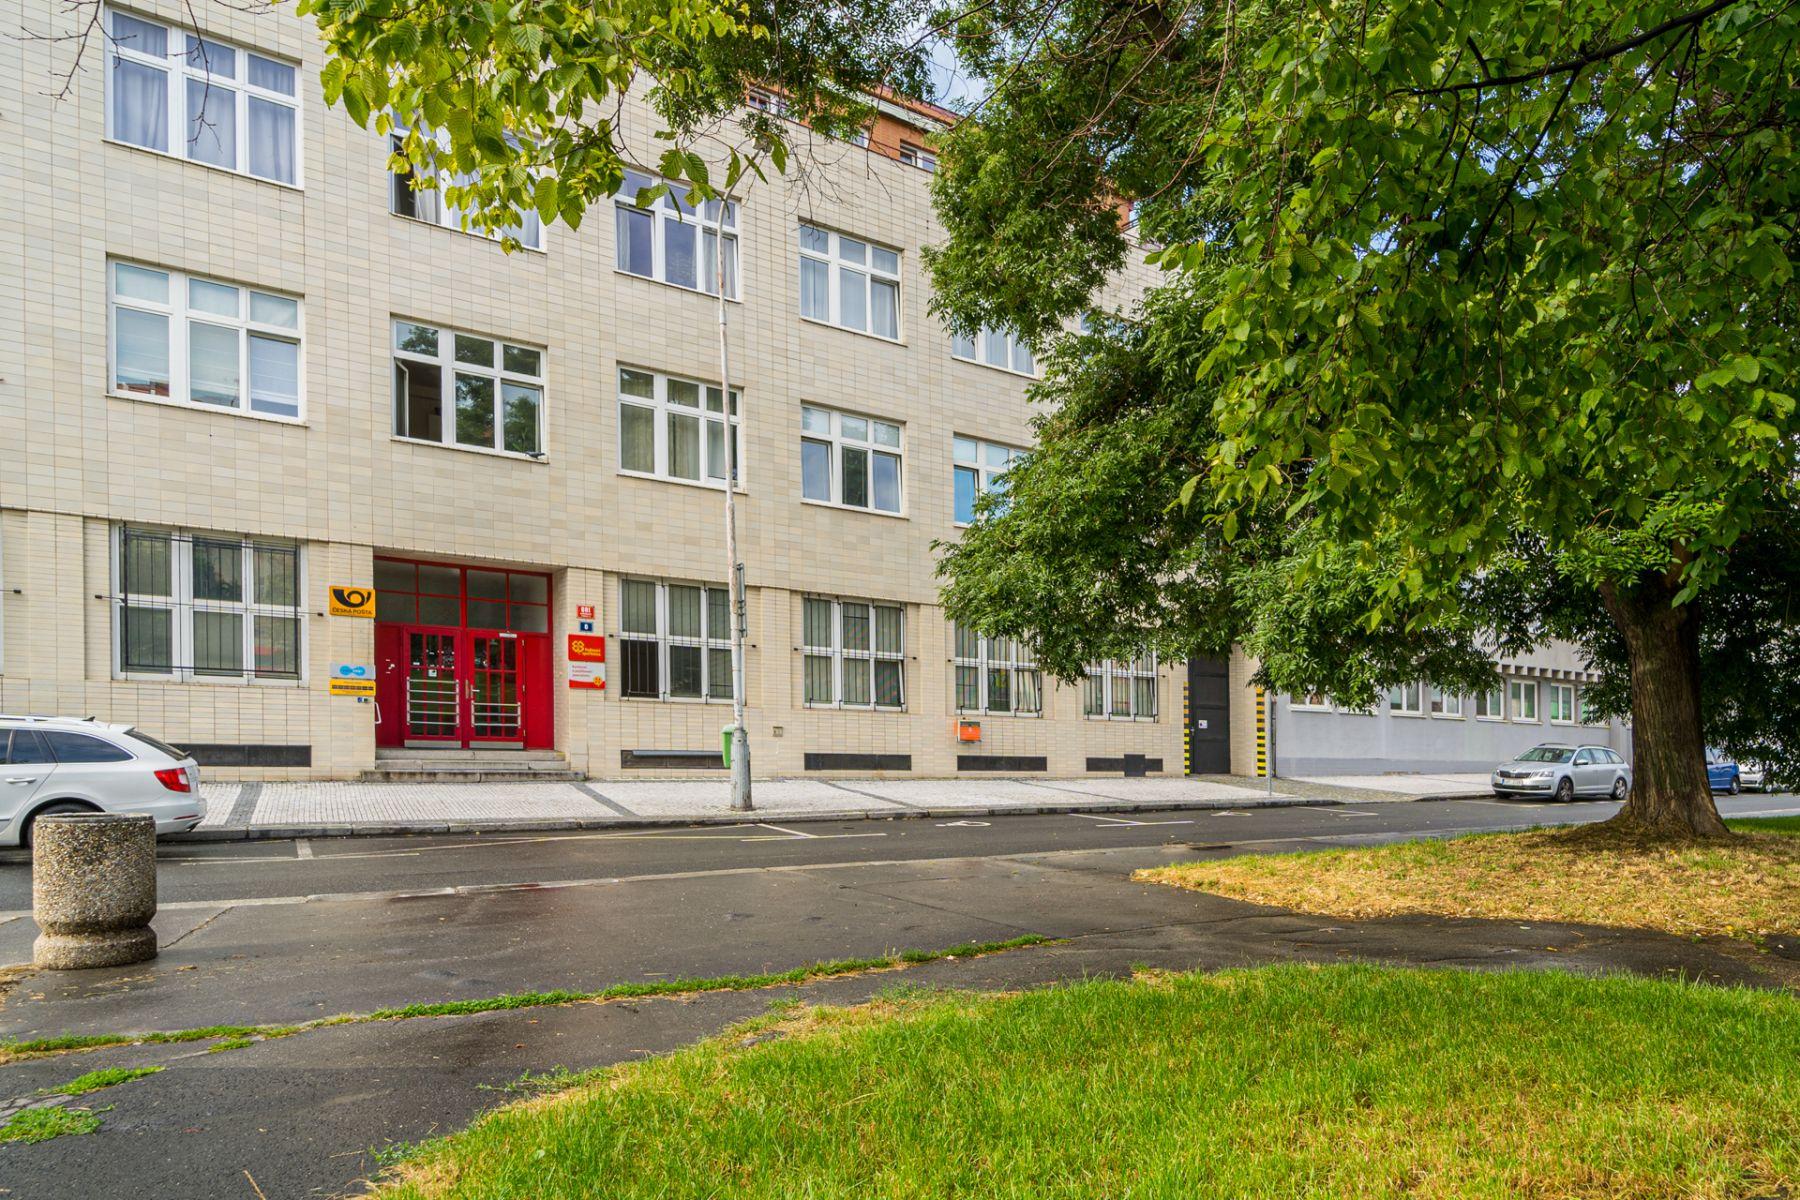 Prodej nebytového prostoru (sklepní kóje) 3,2 m2 na Praze 6 - Střešovice